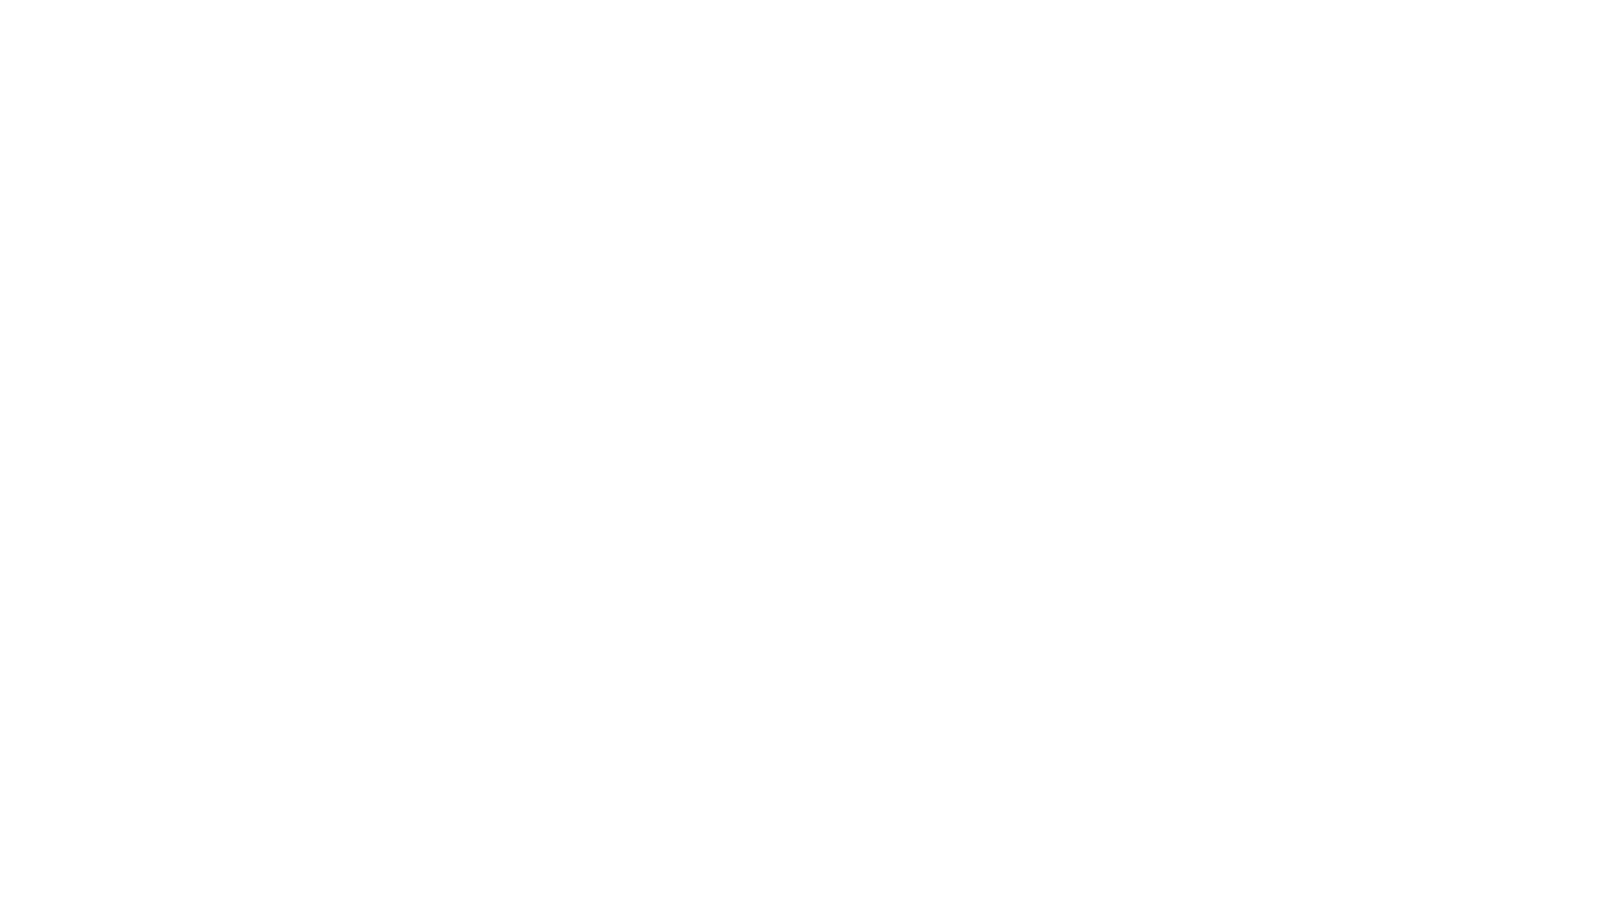 Queremos enseñaros la realidad de muchos casos con los que nos encontramos.  Si eres testigo de alguna injusticia o de actos que estén afectando a los animales, no dudes en denunciarlo. Ponte en contacto en el 062 de la Guardia Civil. Tu voz puede salvar la vida de muchos animales.  www.progatbadia.org